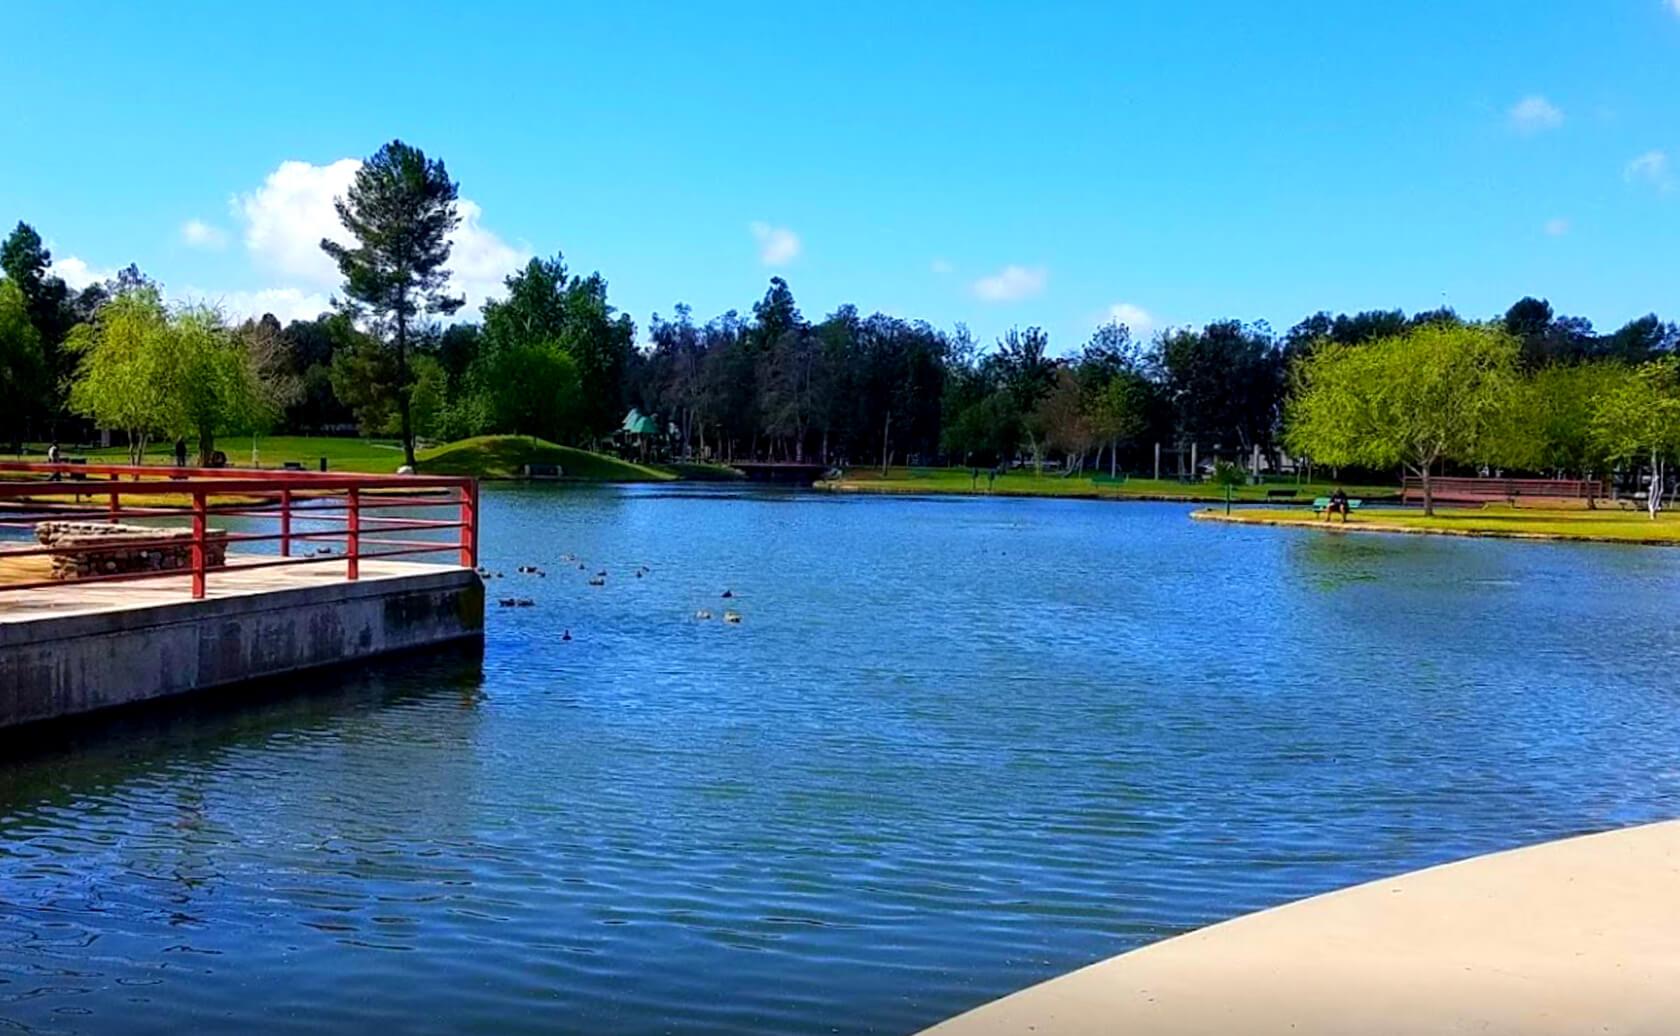 Clark-Regional-Park-Lake-Fishing-Guide-Report-Buena-Park-CA-01